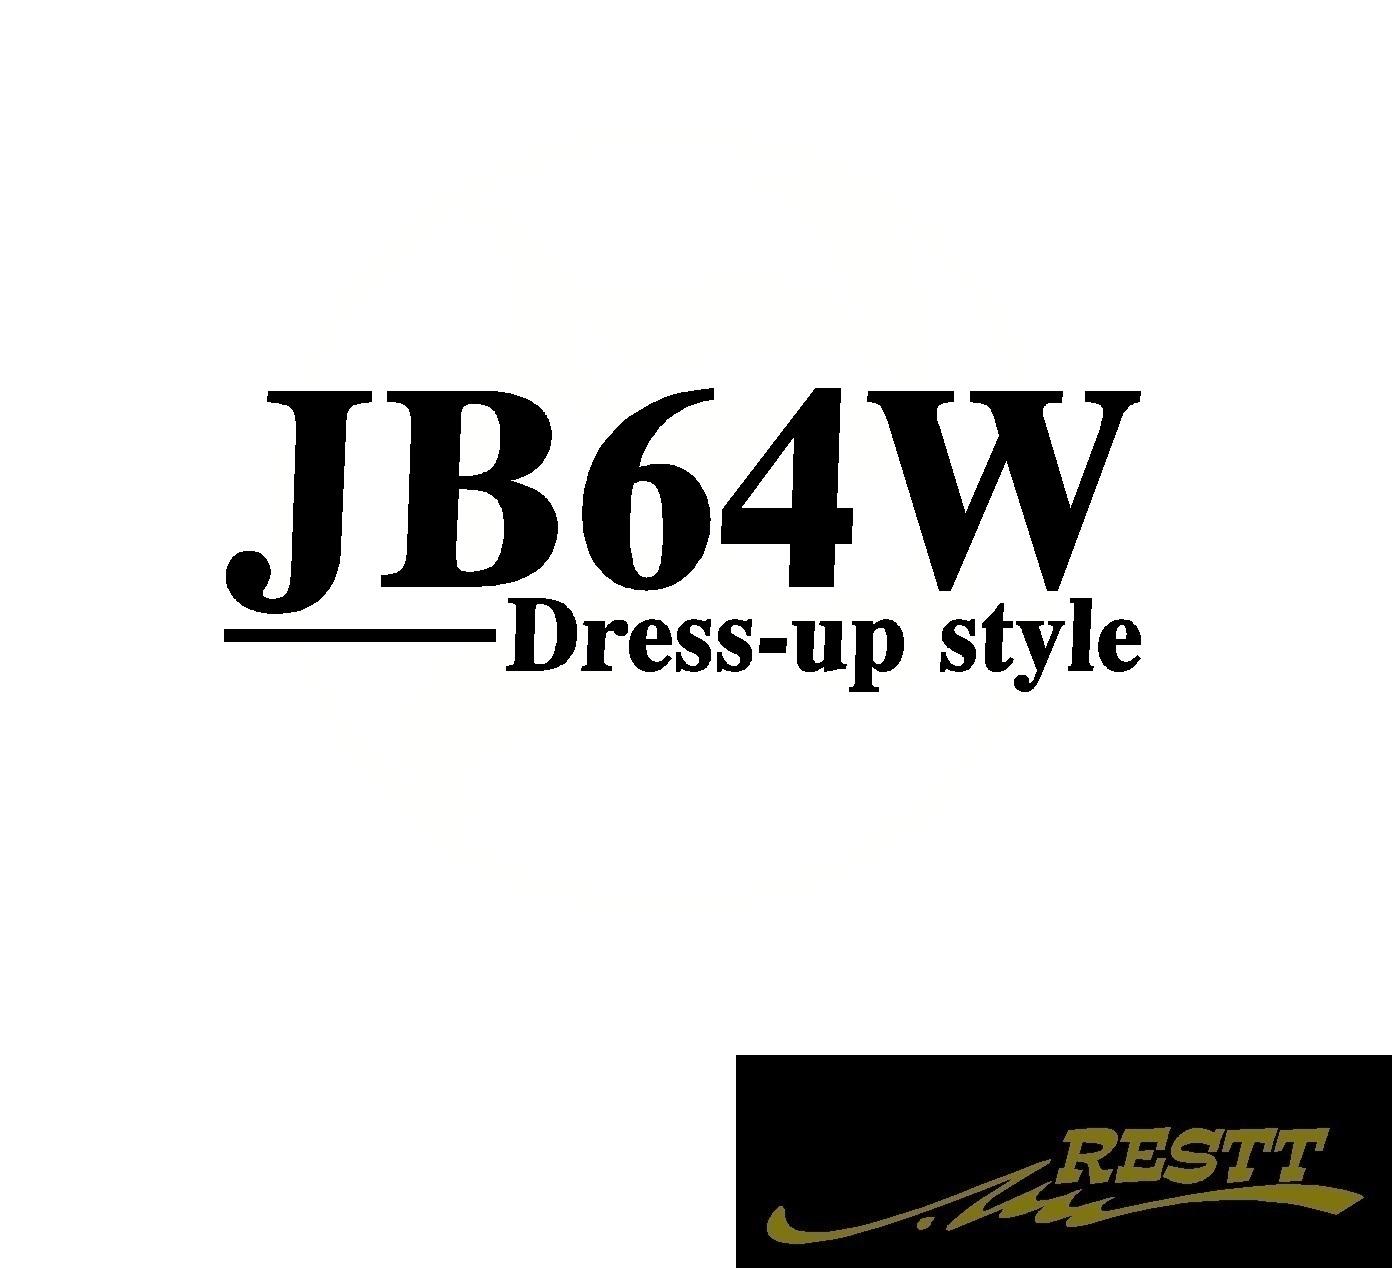 豊富なカラー20色から作成ドレスアップステッカー ジムニー JB64W ドレスアップスタイル ロゴ カッティングステッカー 小サイズ 定番 スズキ デザイン ステッカー 即日出荷 鈴木 おしゃれ 型式 かっこいい